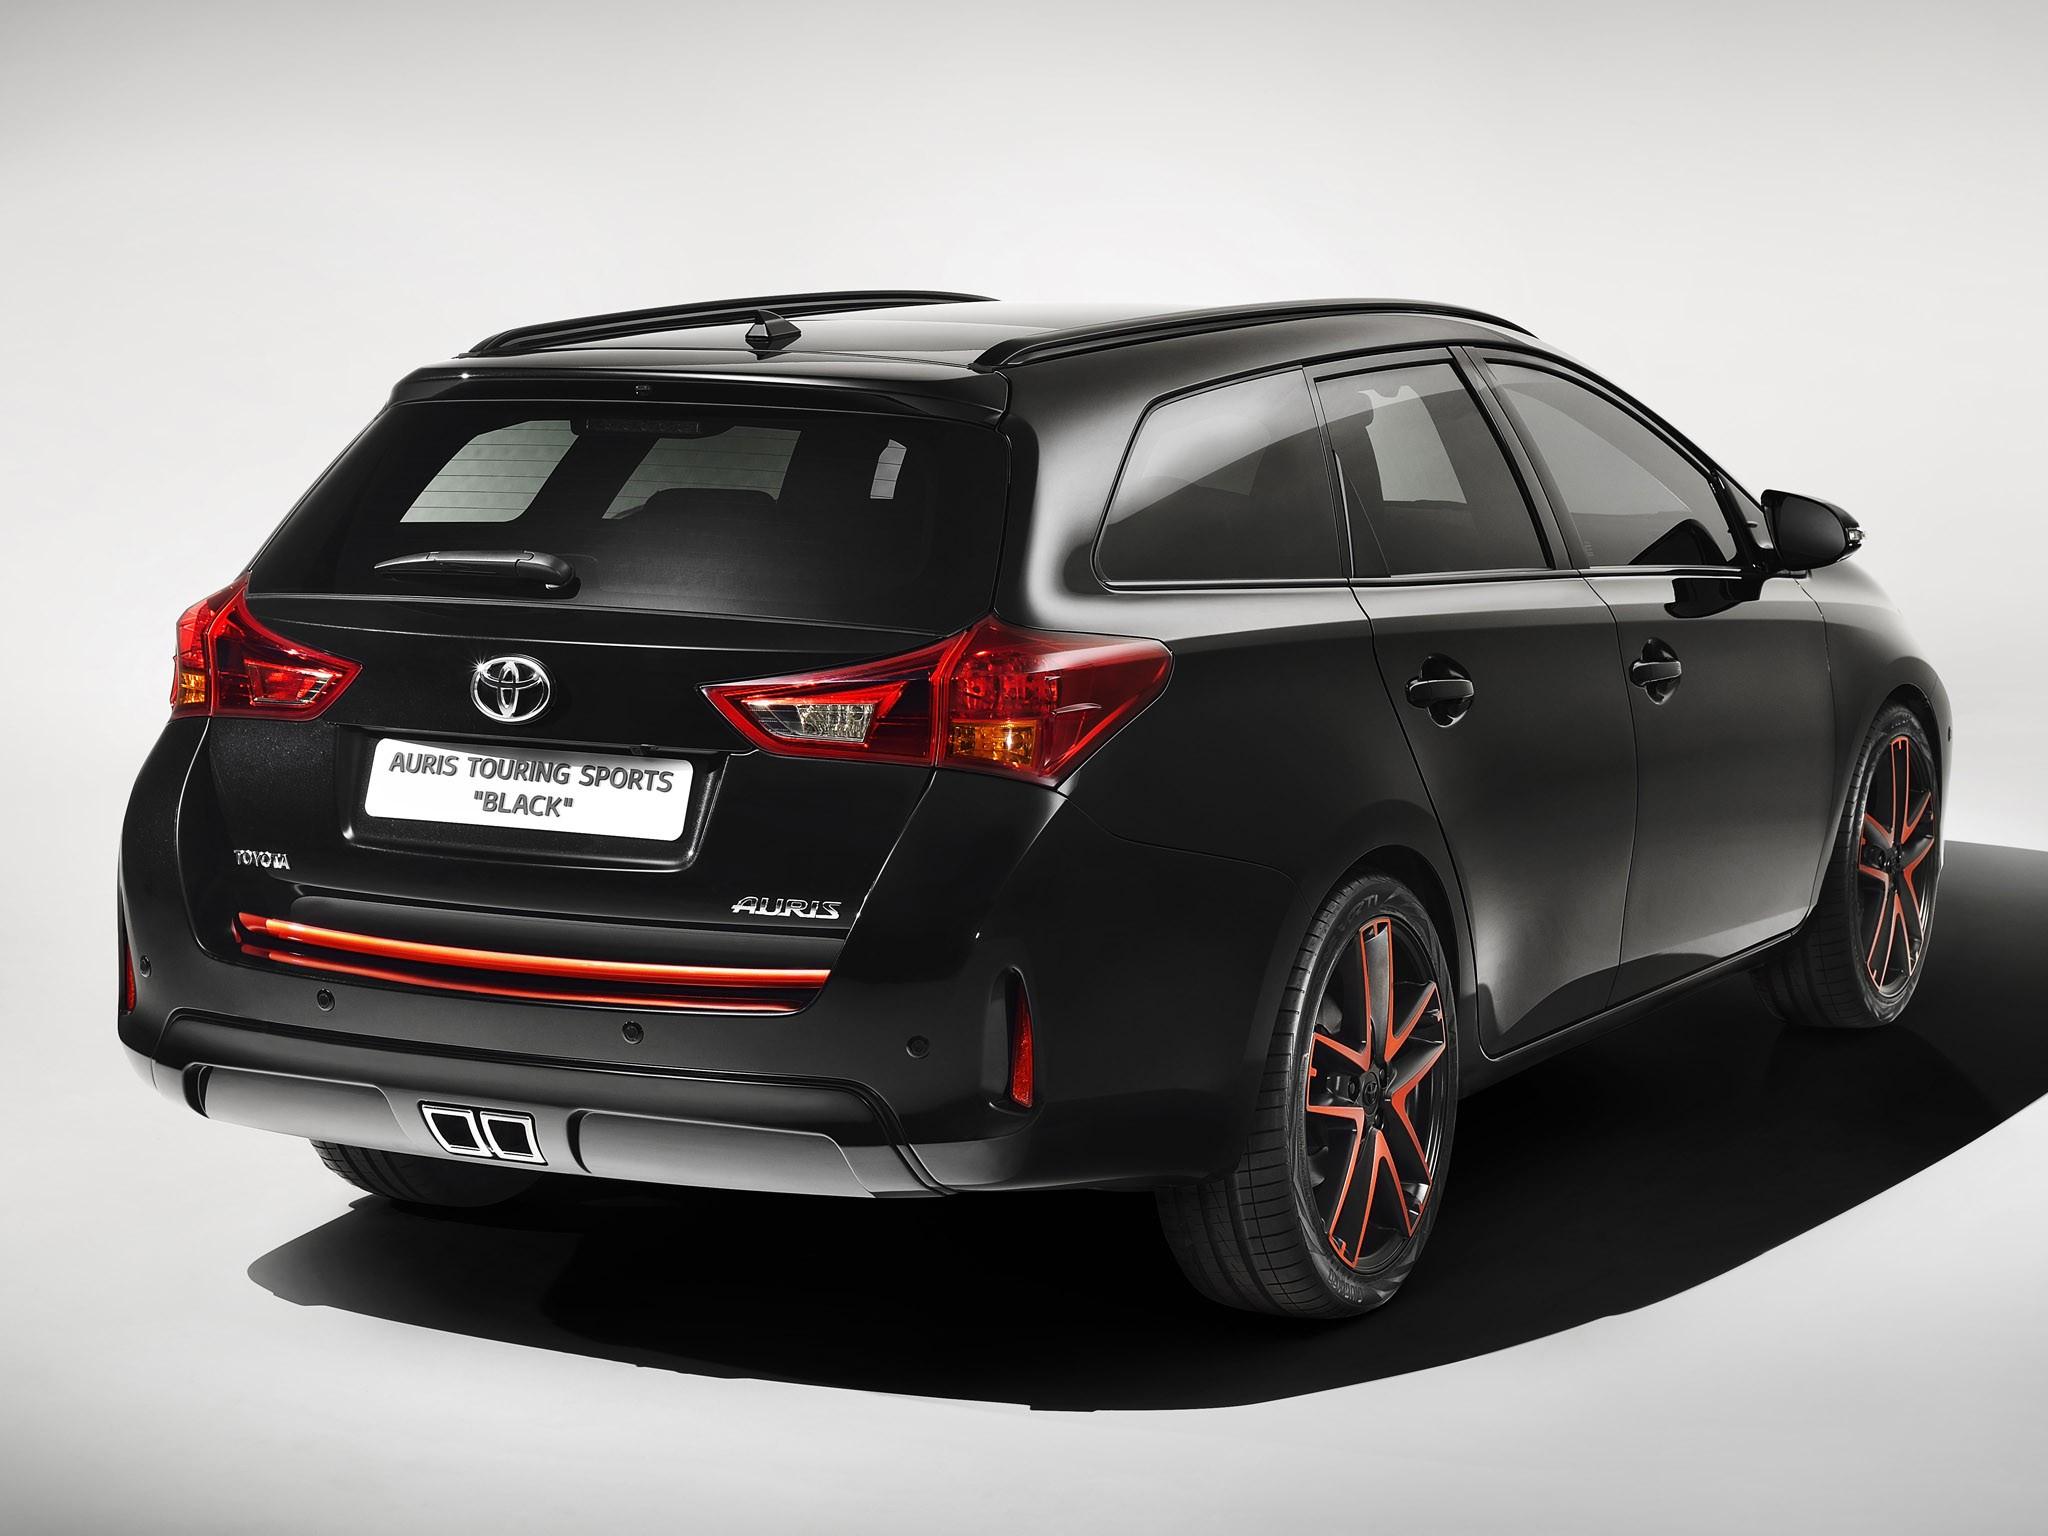 2013 Toyota Auris Touring Sports Black